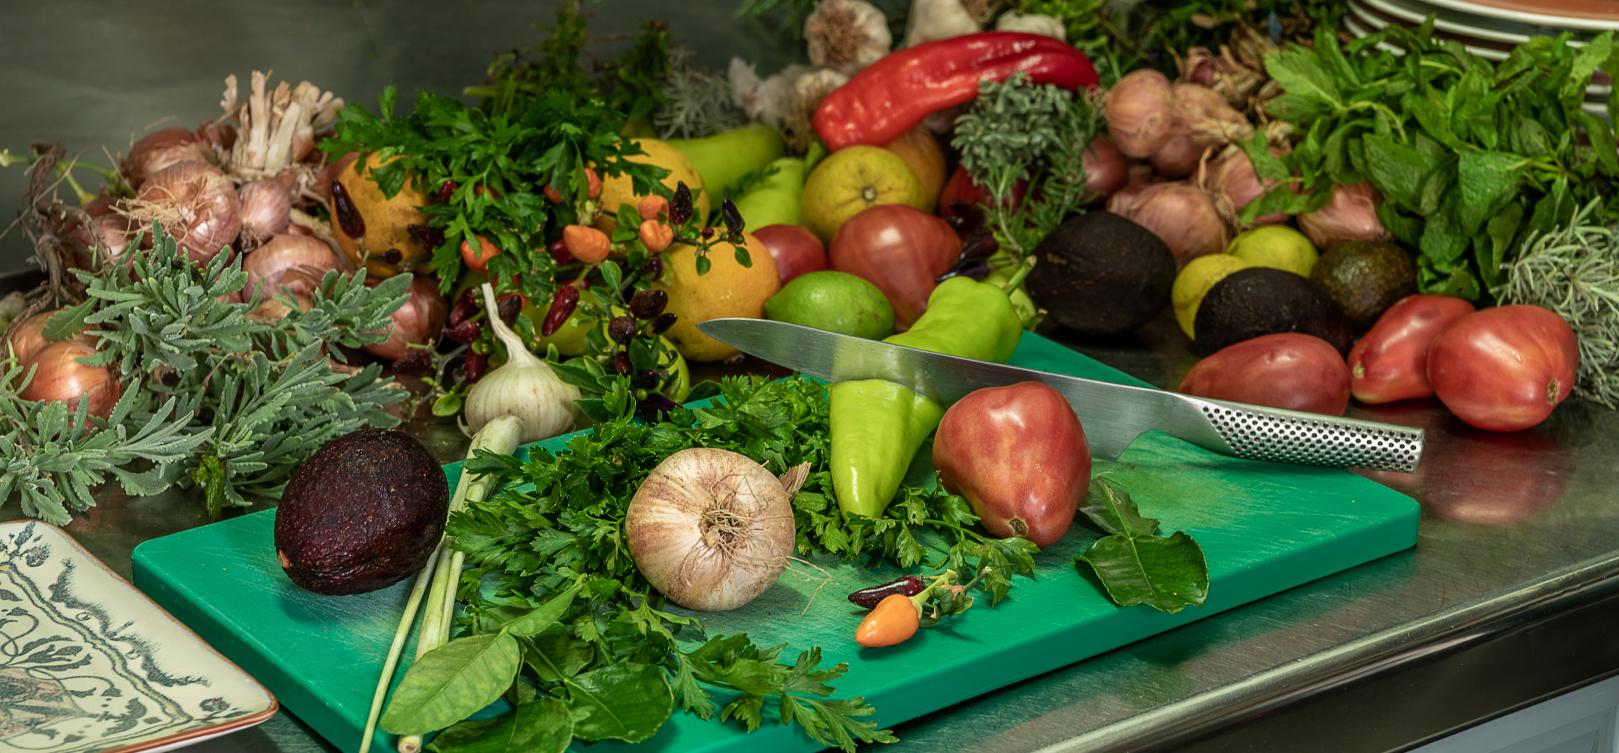 Παραδοσιακή Κρητική κουζίνα Χανιά- φρέσκα λαχανικά υλικά